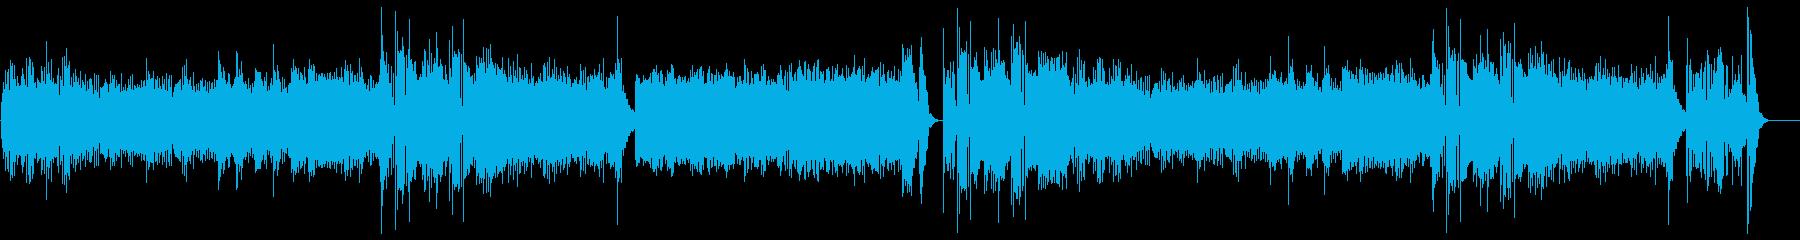 フラメンコ風のインストの再生済みの波形